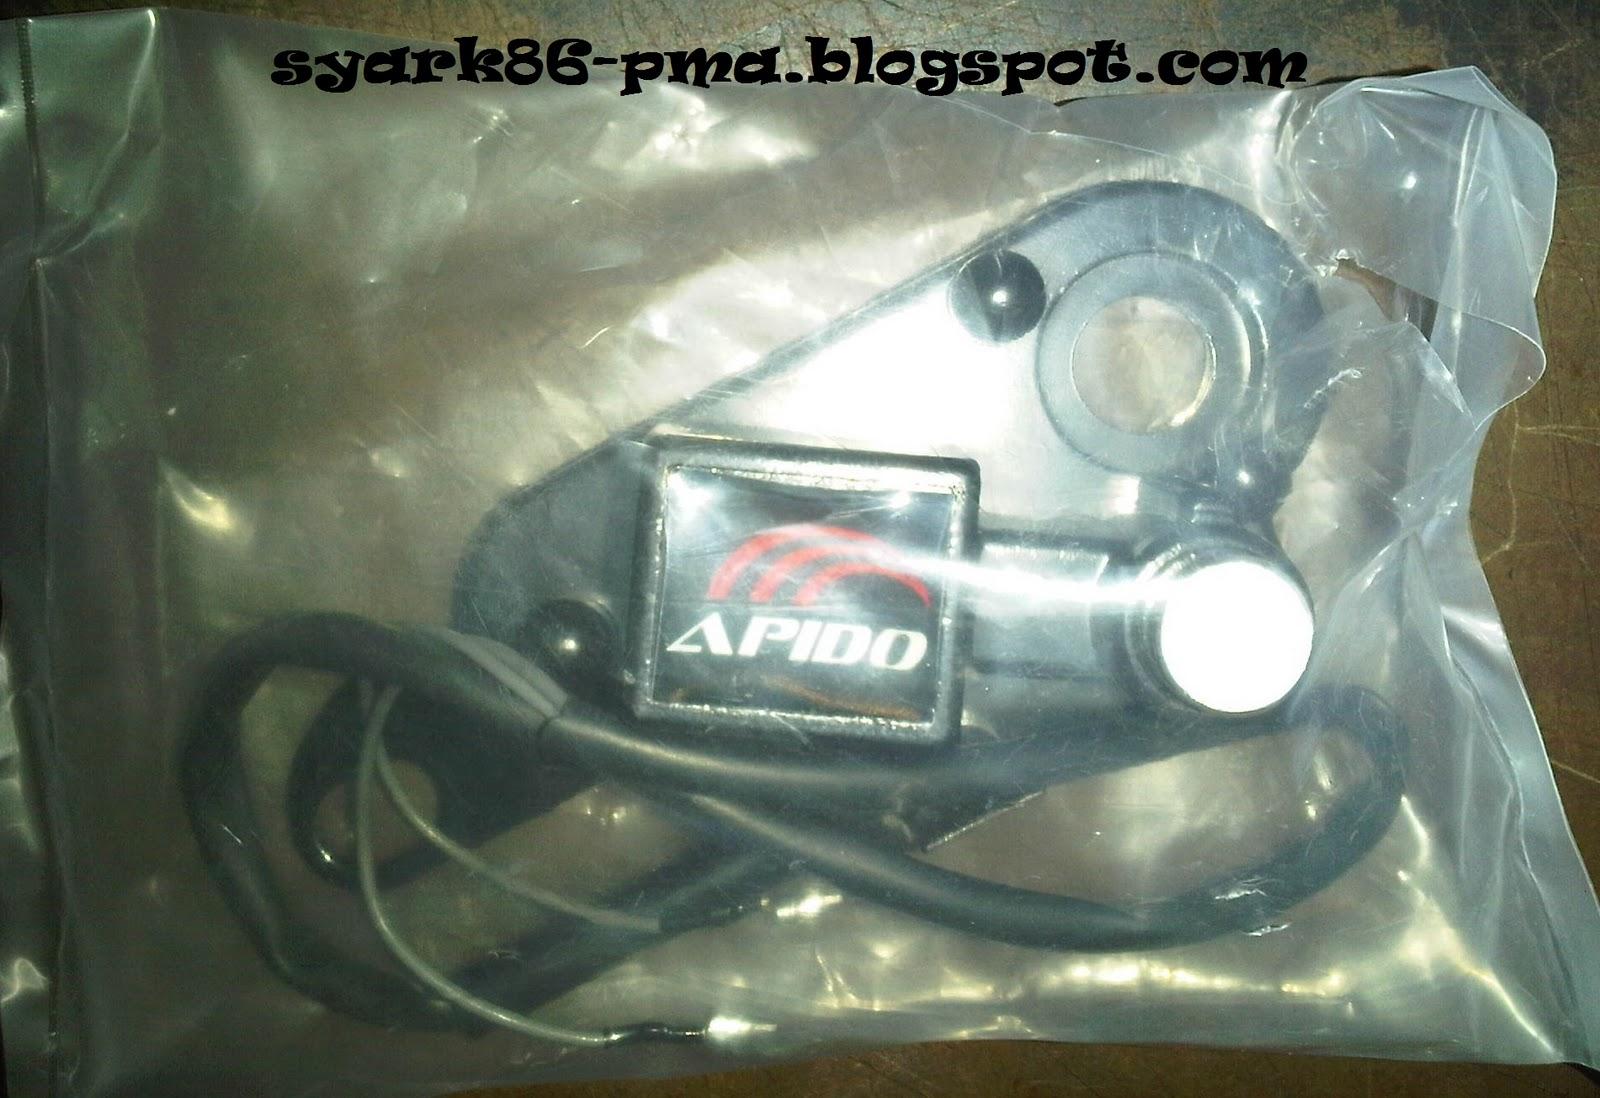 http://3.bp.blogspot.com/-T2GzD5Ksl5c/ToqV1Bci2aI/AAAAAAAAAjA/1ZmMD2a-axQ/s1600/Bandar%20Kuala%20Lumpur-20111003-00889.jpg